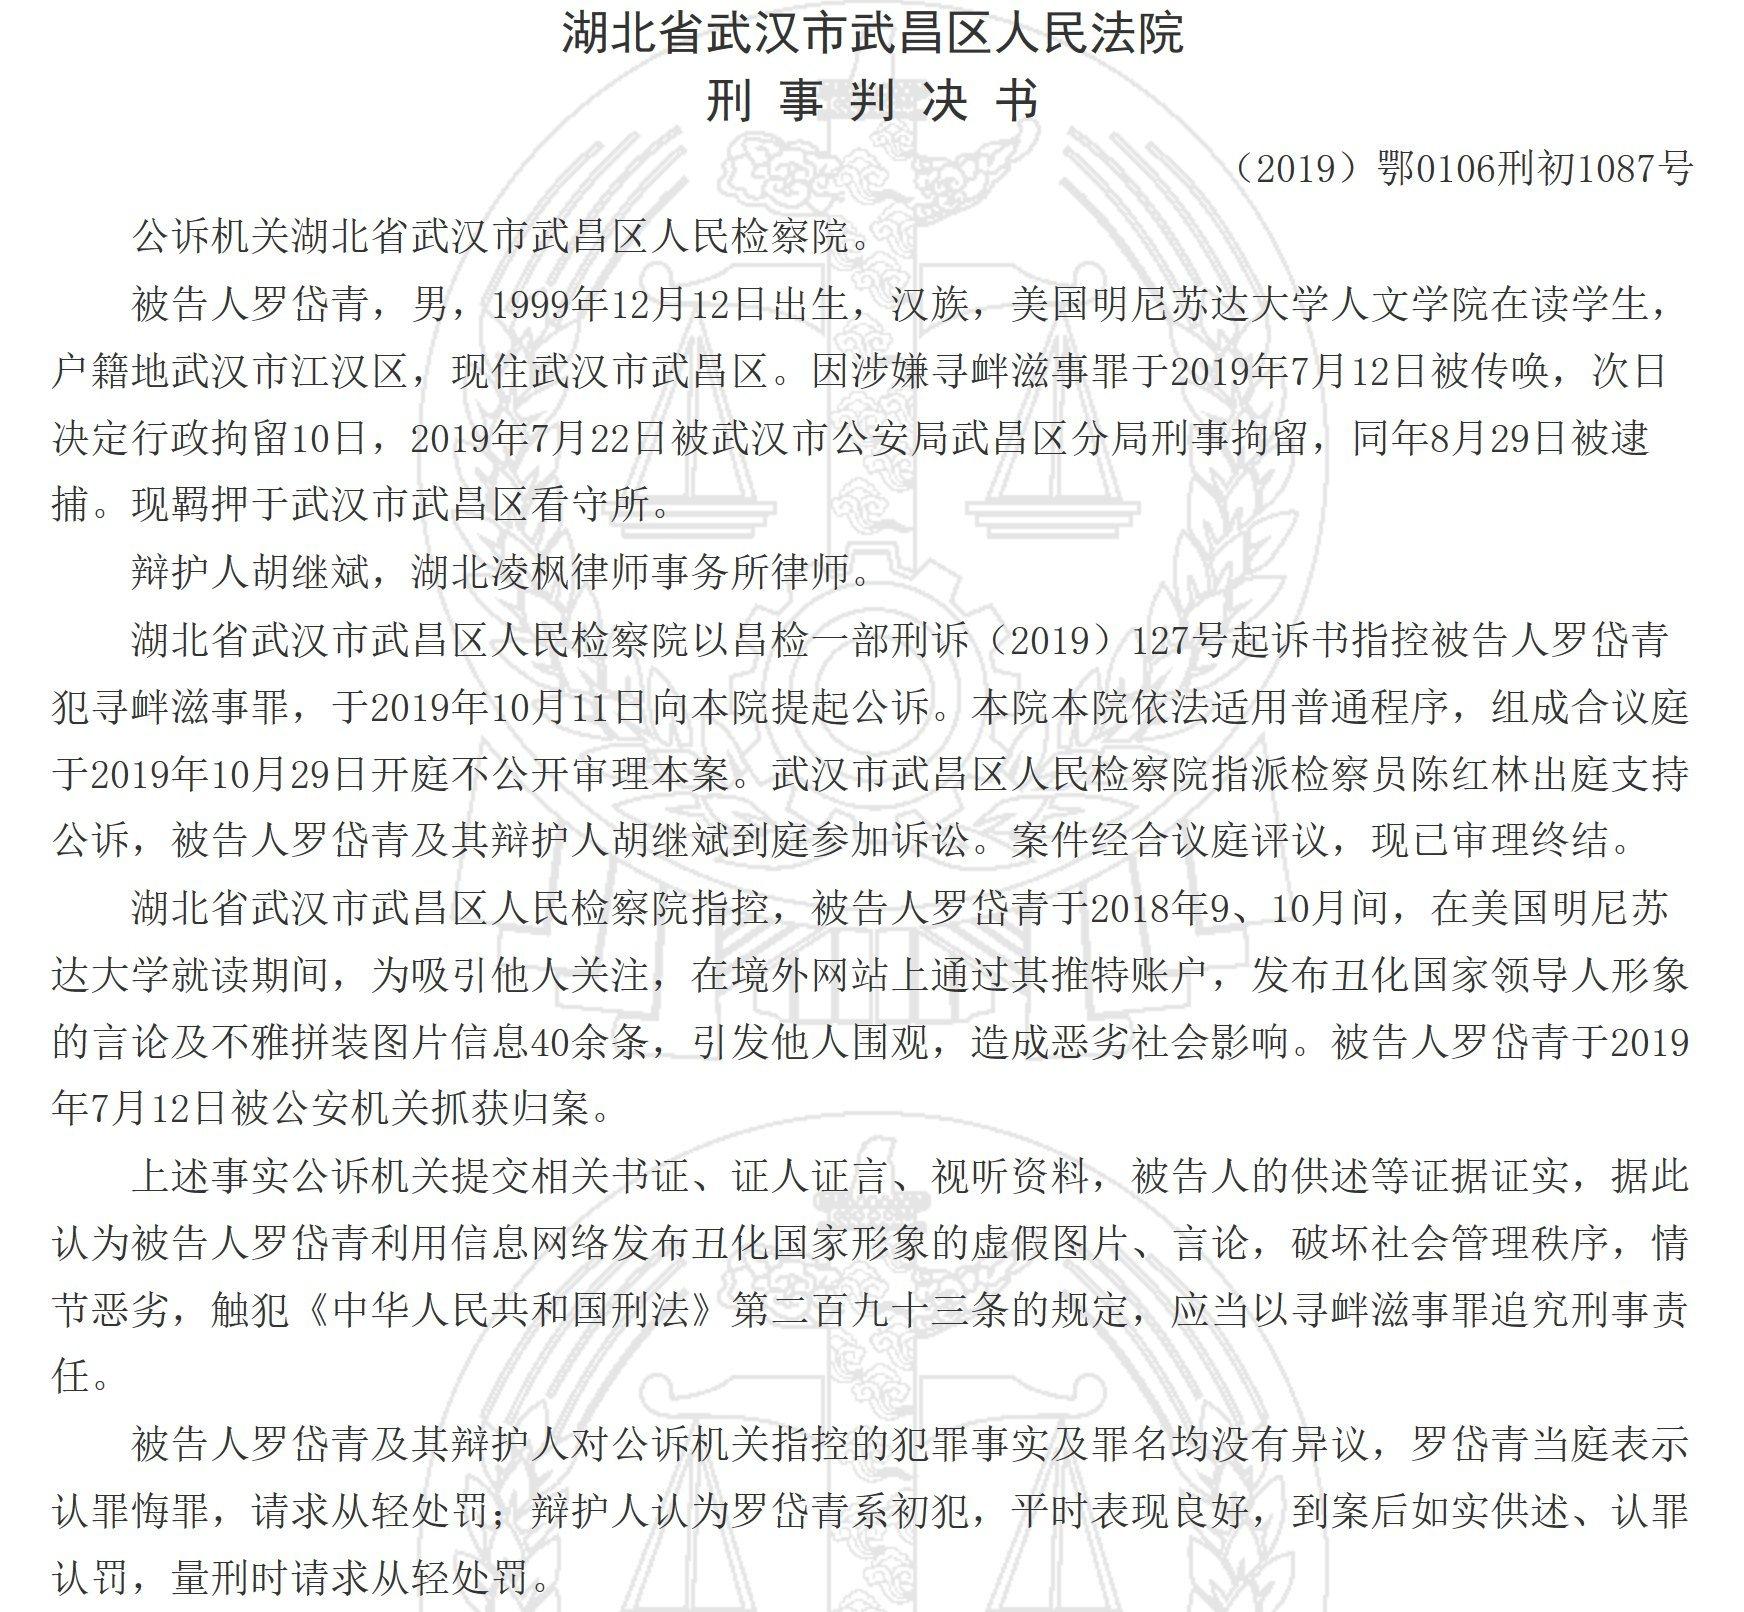 2020年1月22日,中国裁判文书网上关于罗岱青的判决书,称其发布丑化国家领导人形象的言论及不雅拼装图片资讯,该文书已被官方删除。(中国裁判文书网)